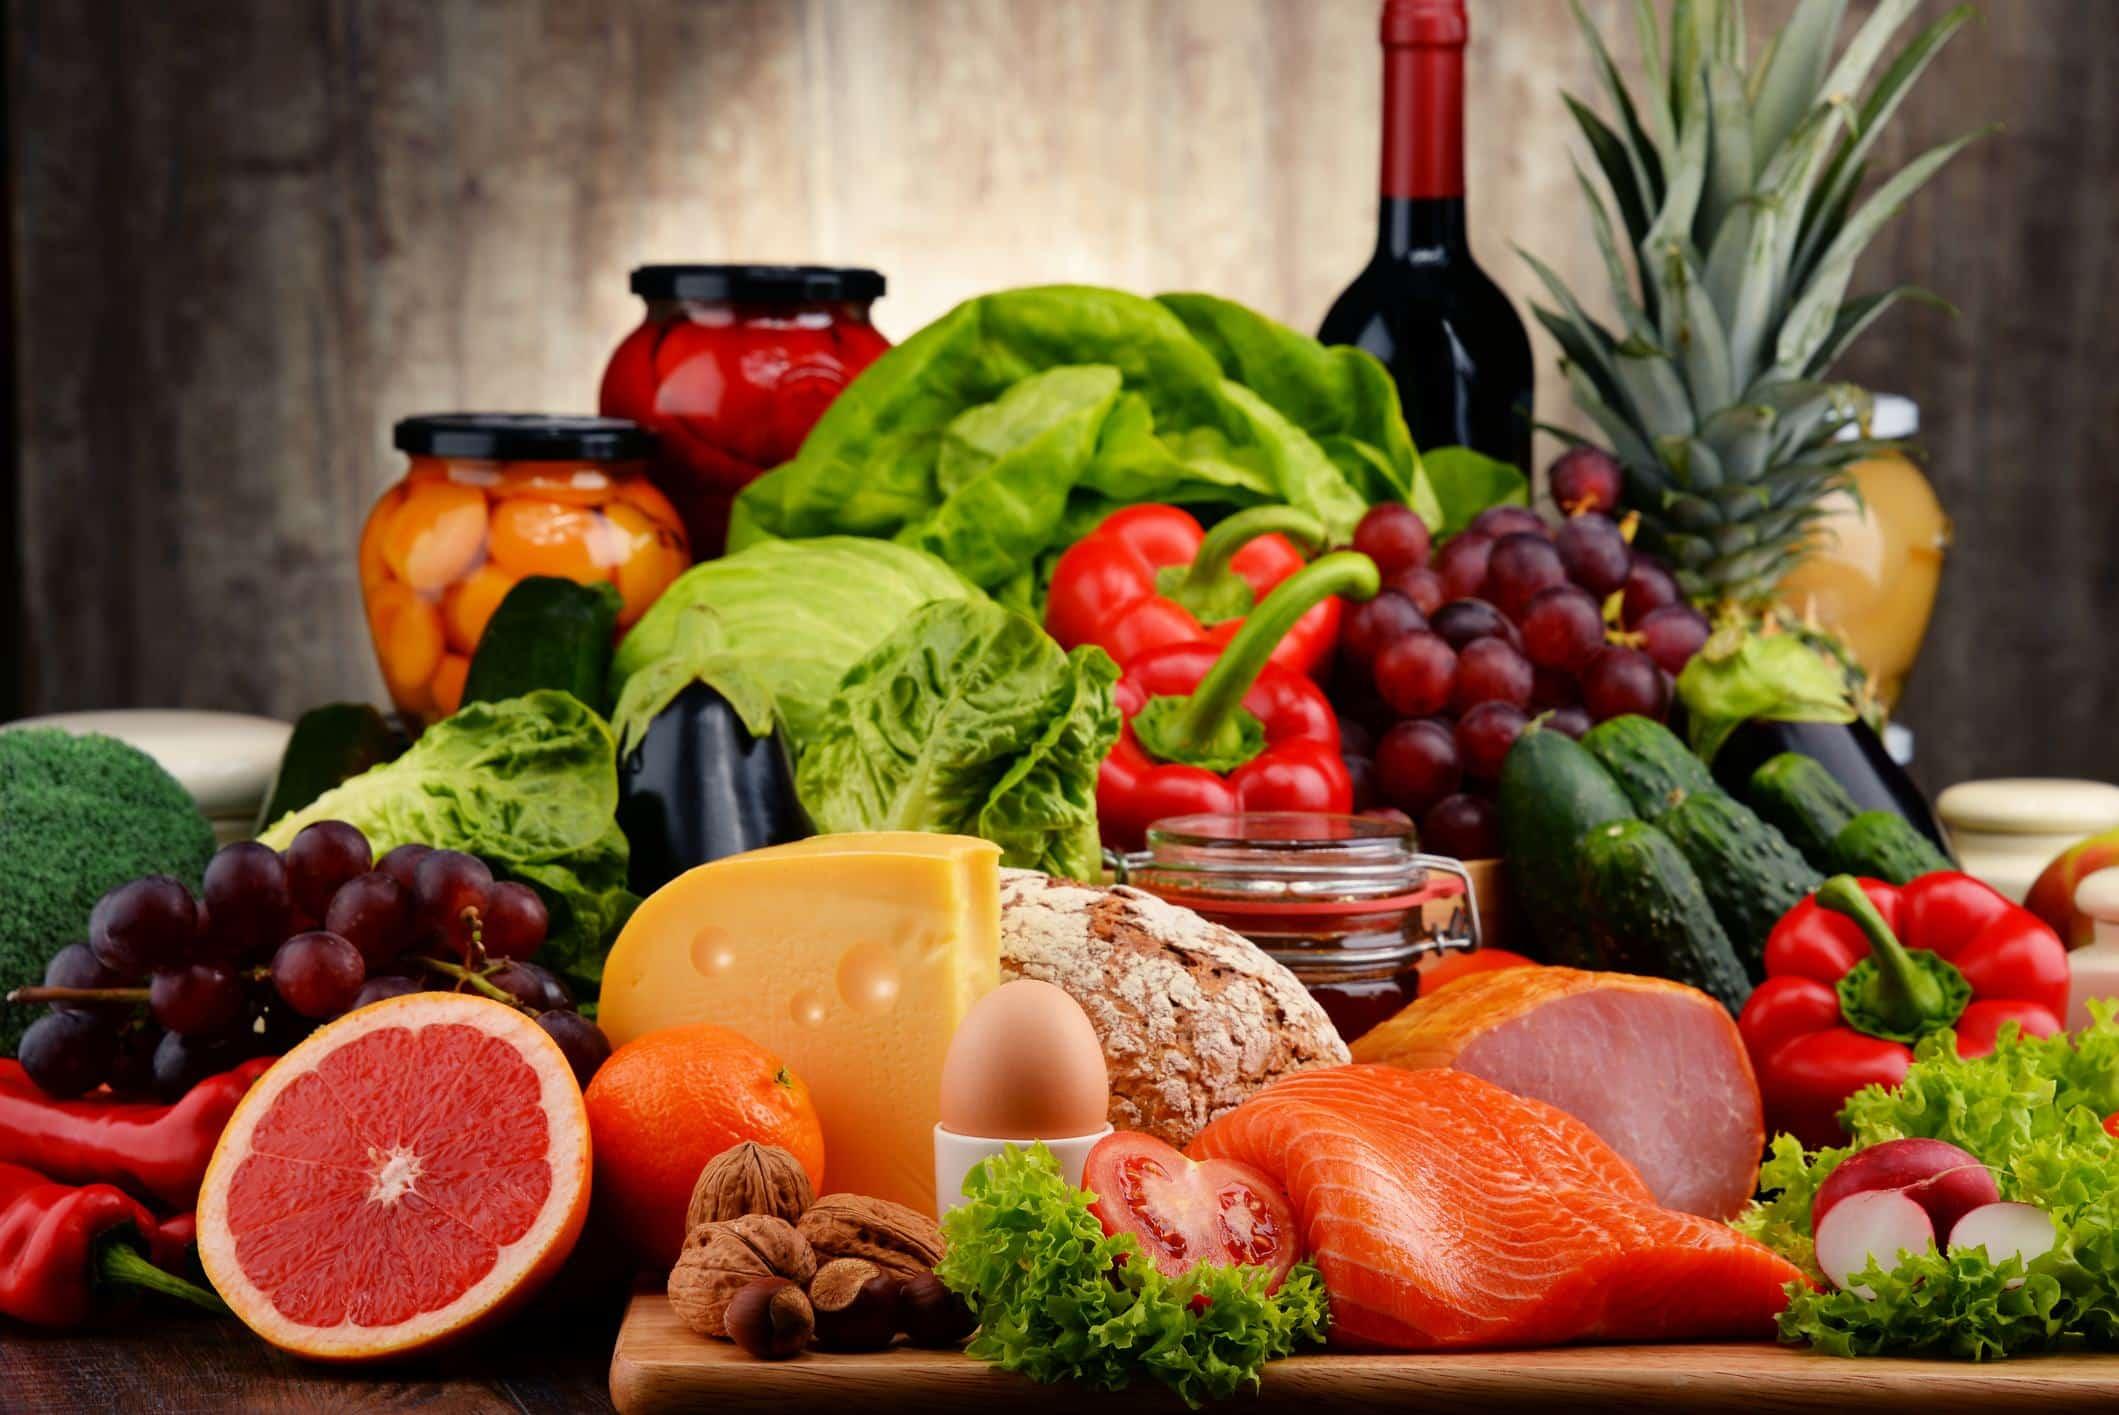 Cửa hàng thực phẩm sạch TPHCM uy tín